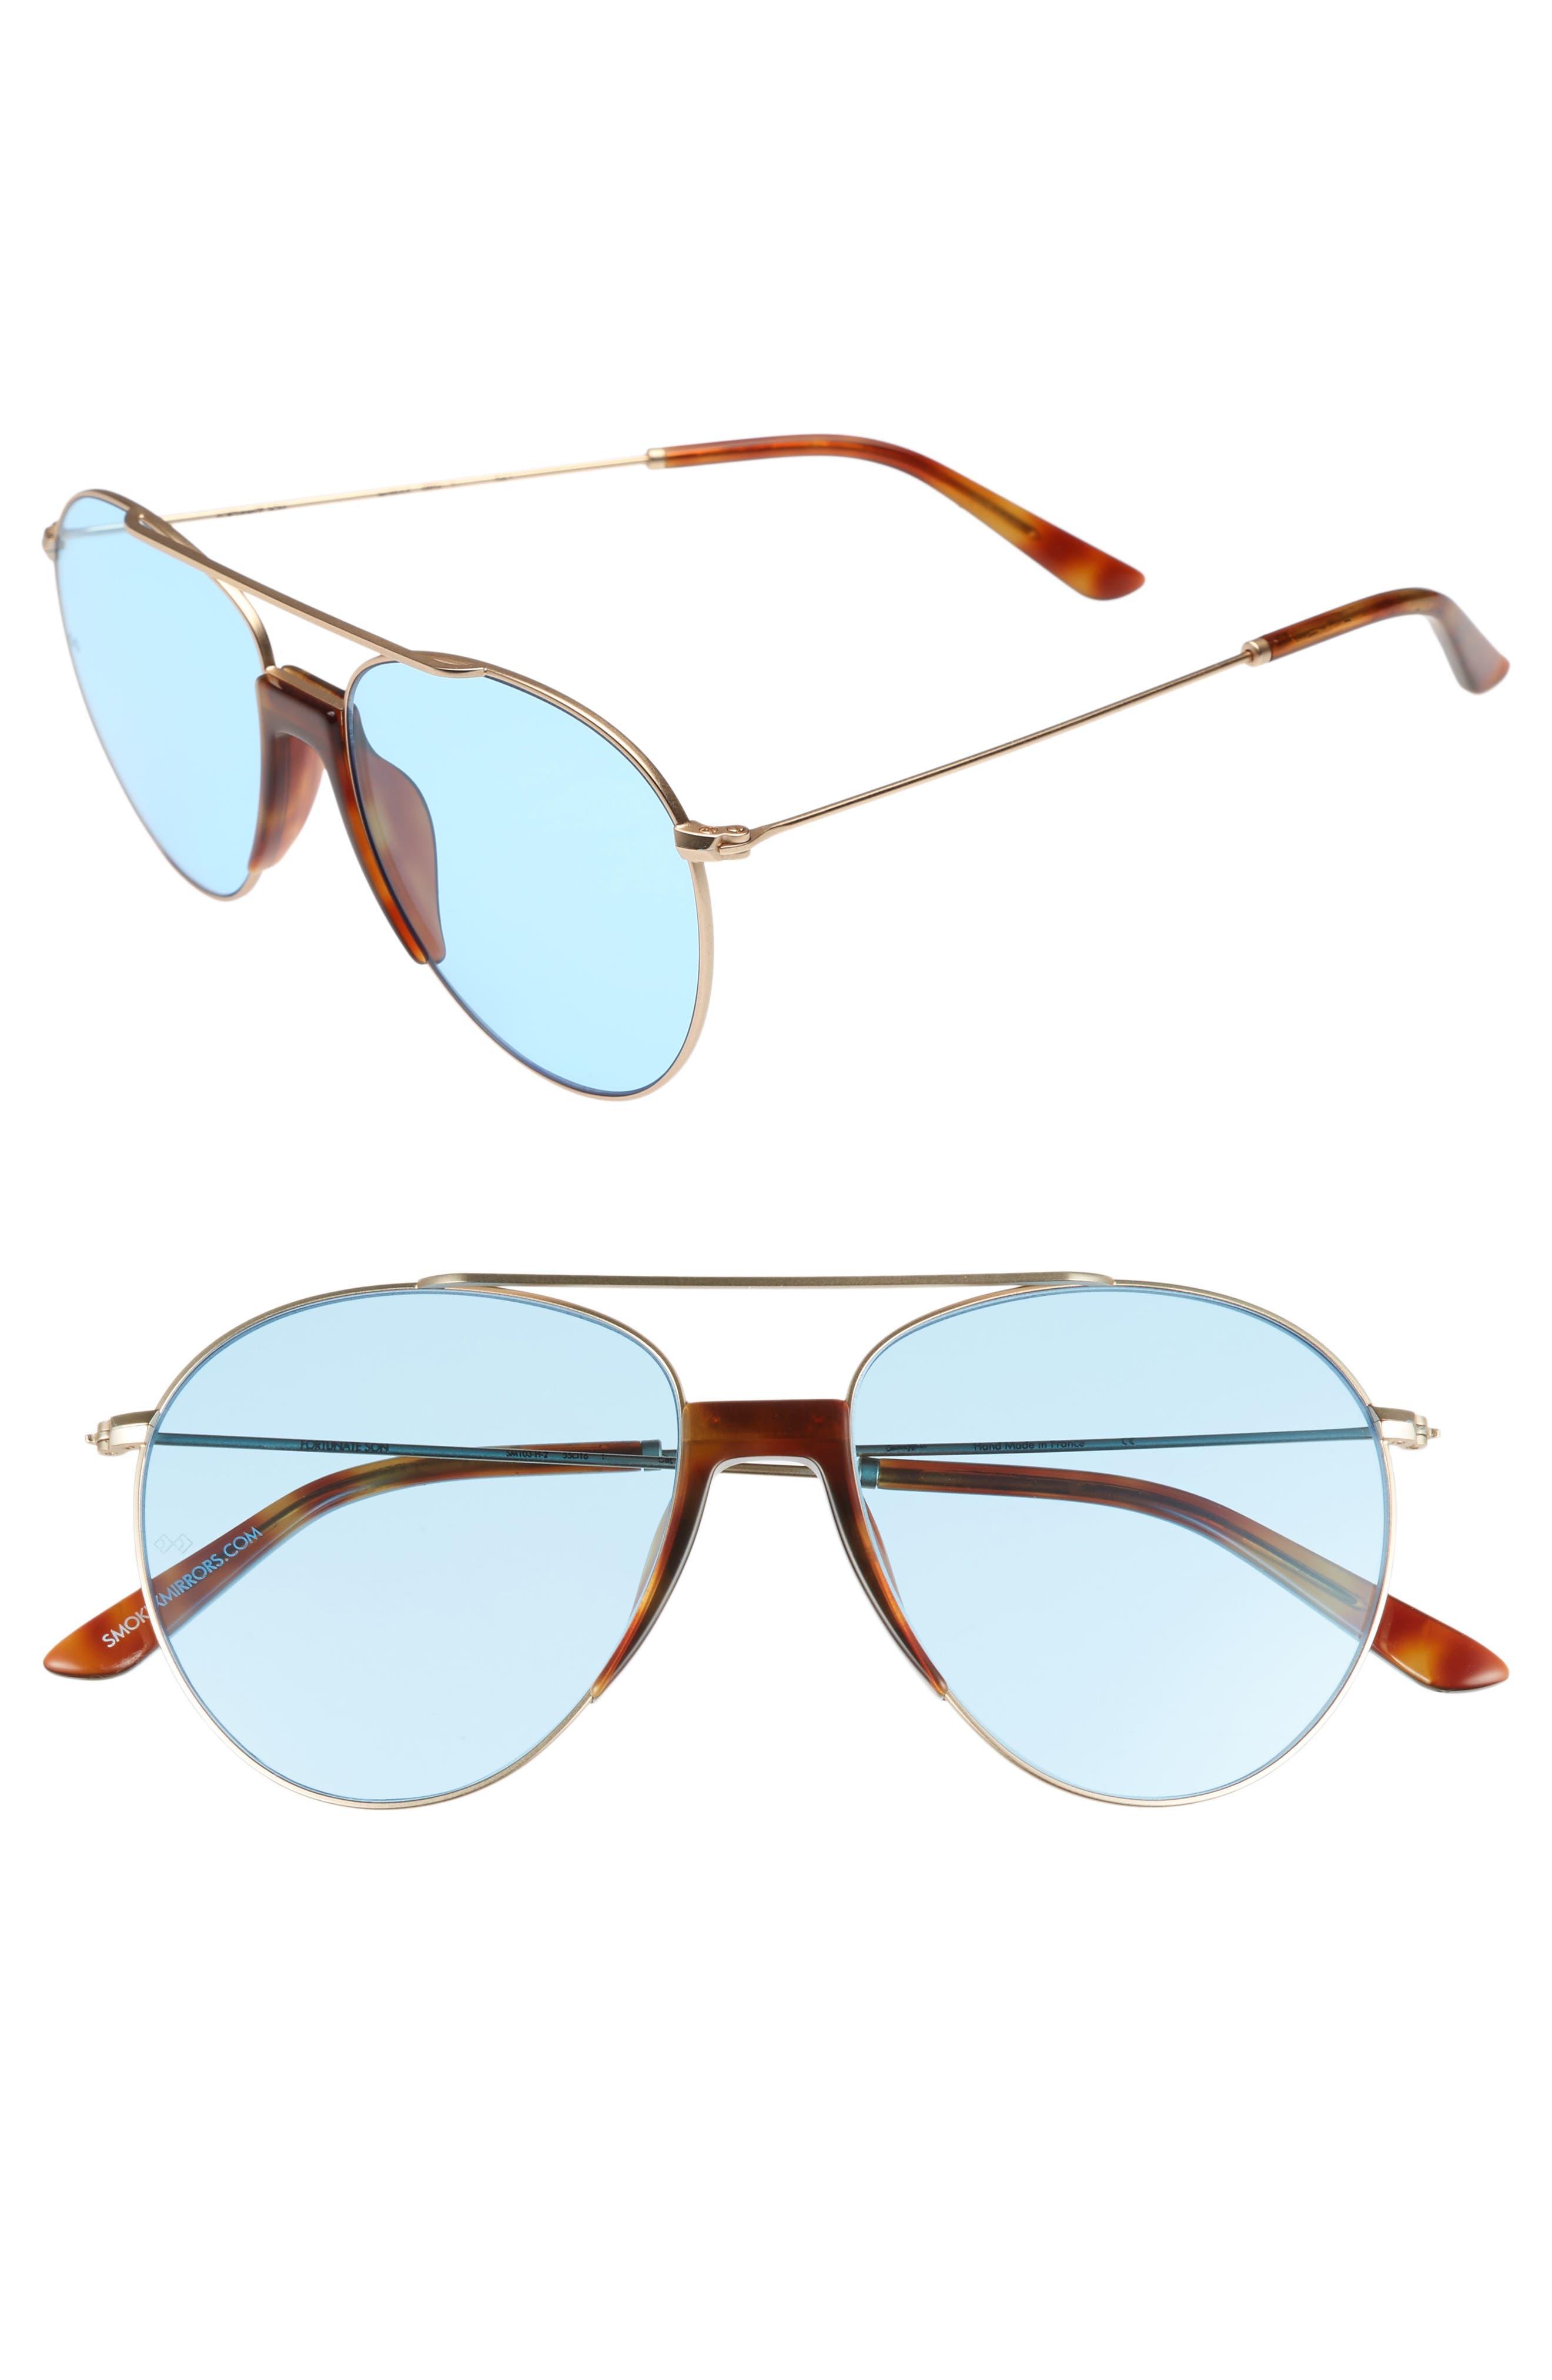 Smoke x Mirrors Fortunate Son 53mm Aviator Sunglasses